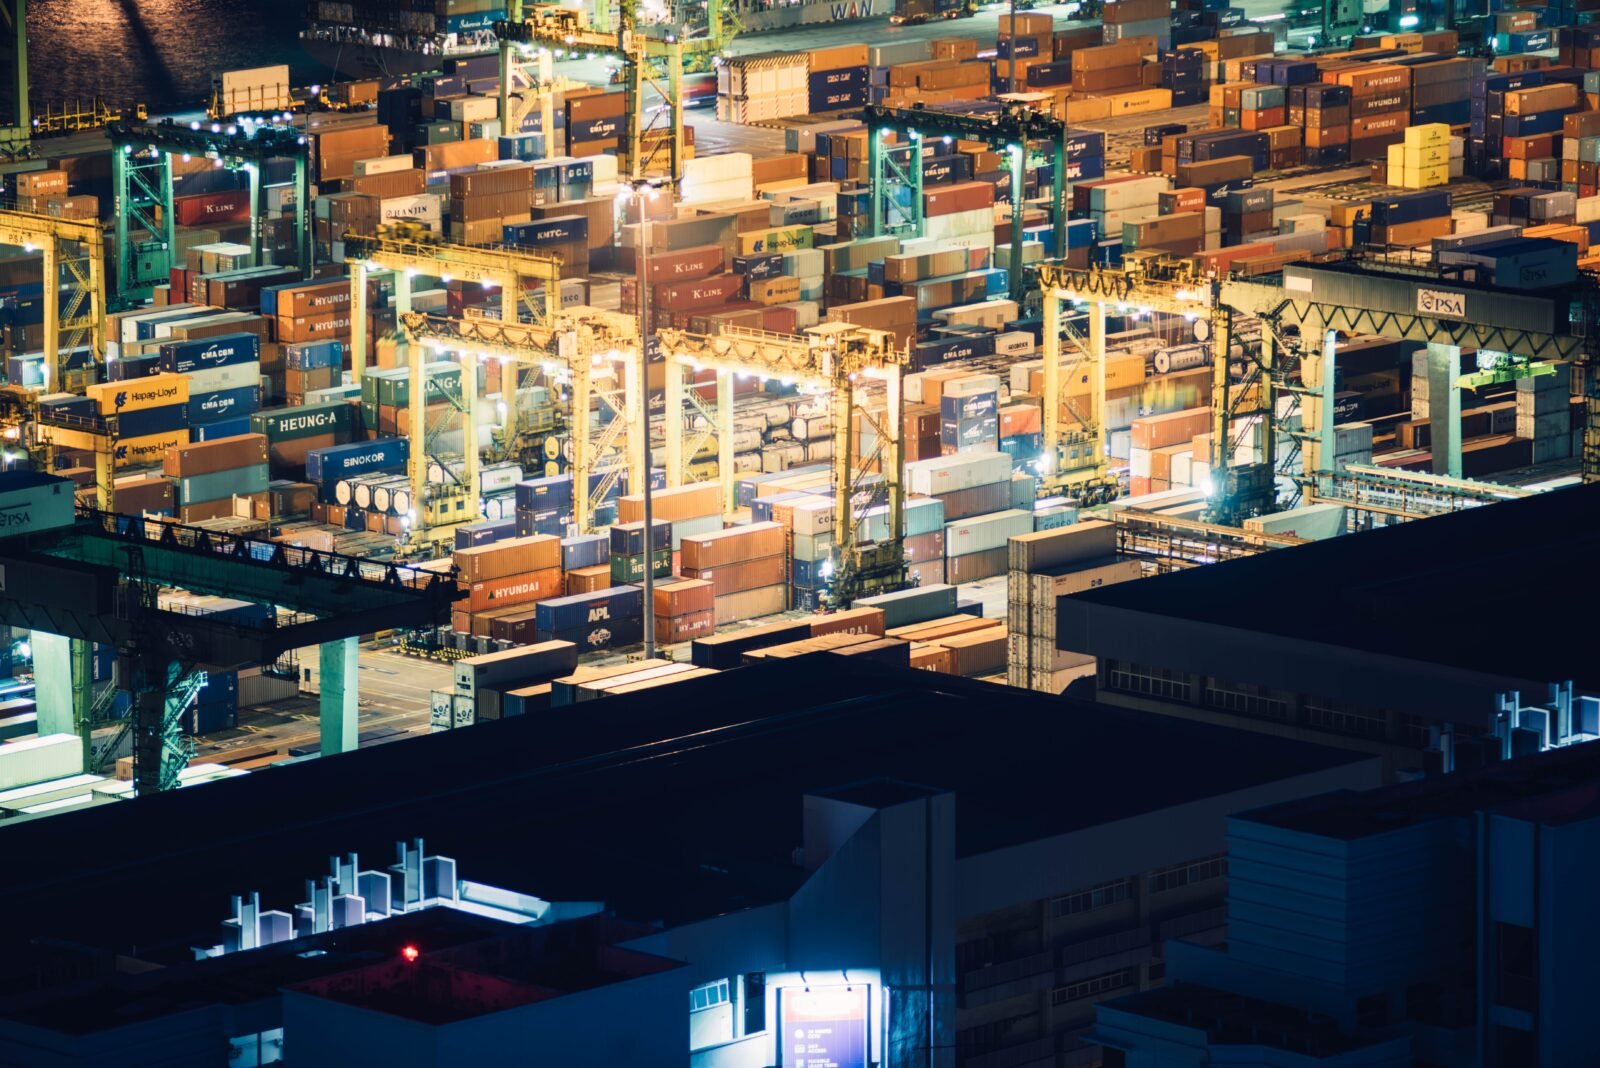 Kraftig brist på containrar i Kina